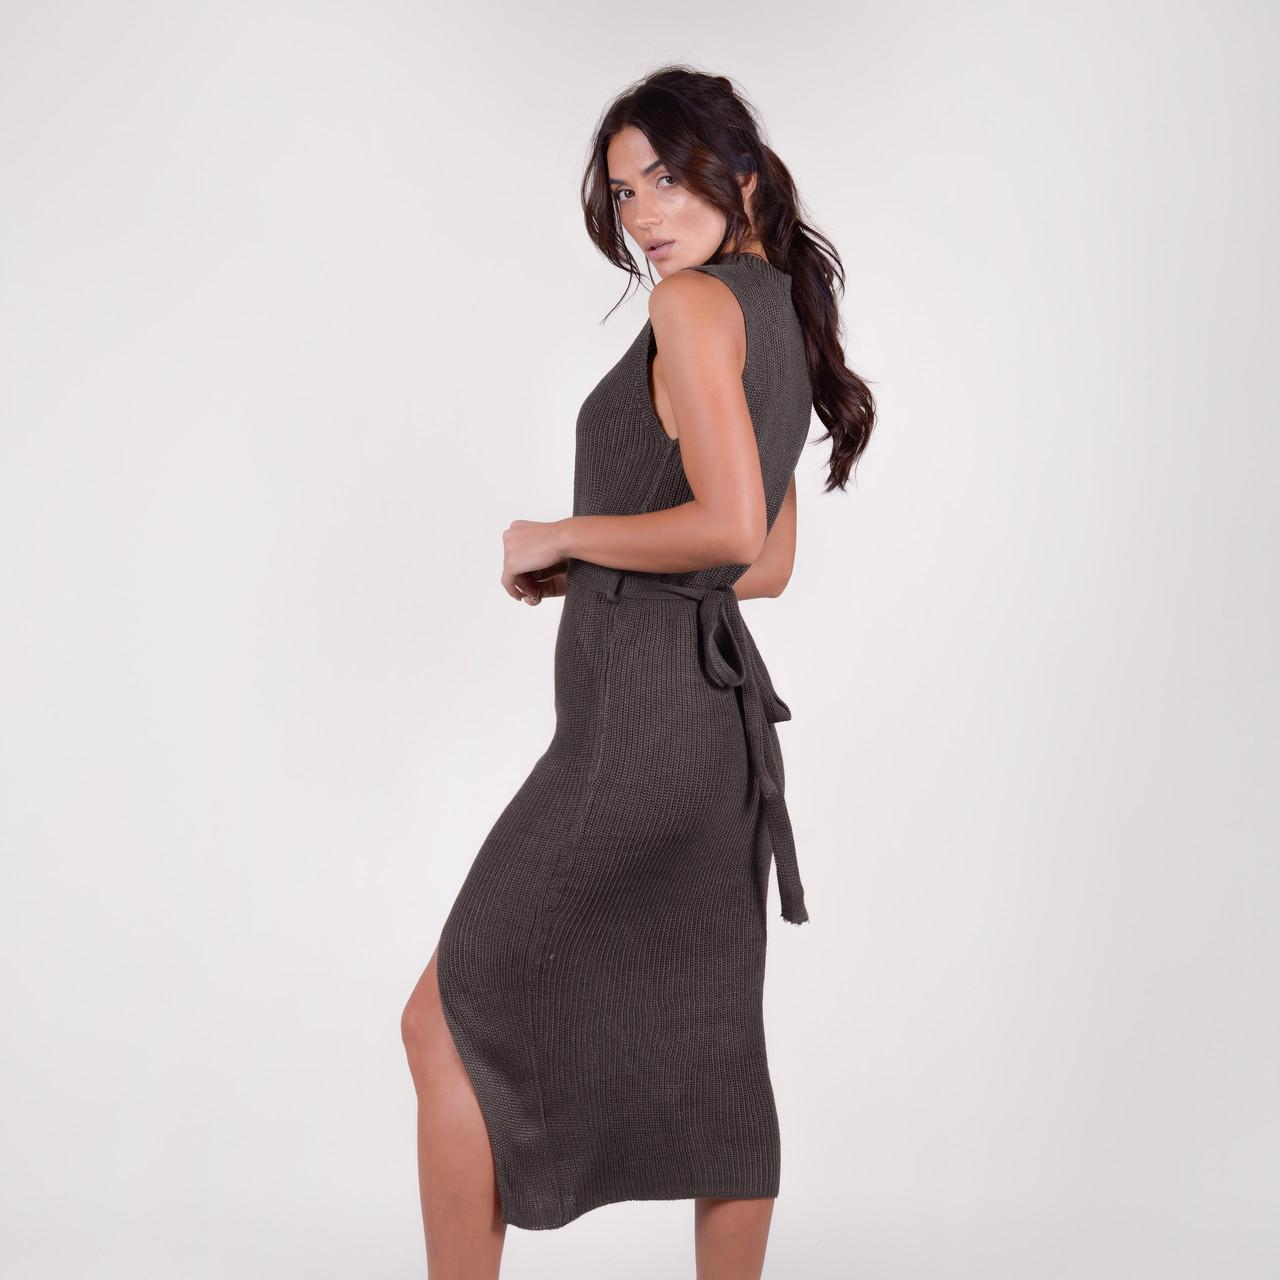 Собазнительное сукні-міді в рубчик без рукавів з розпіркою в 3 кольорах в універсальному розмірі